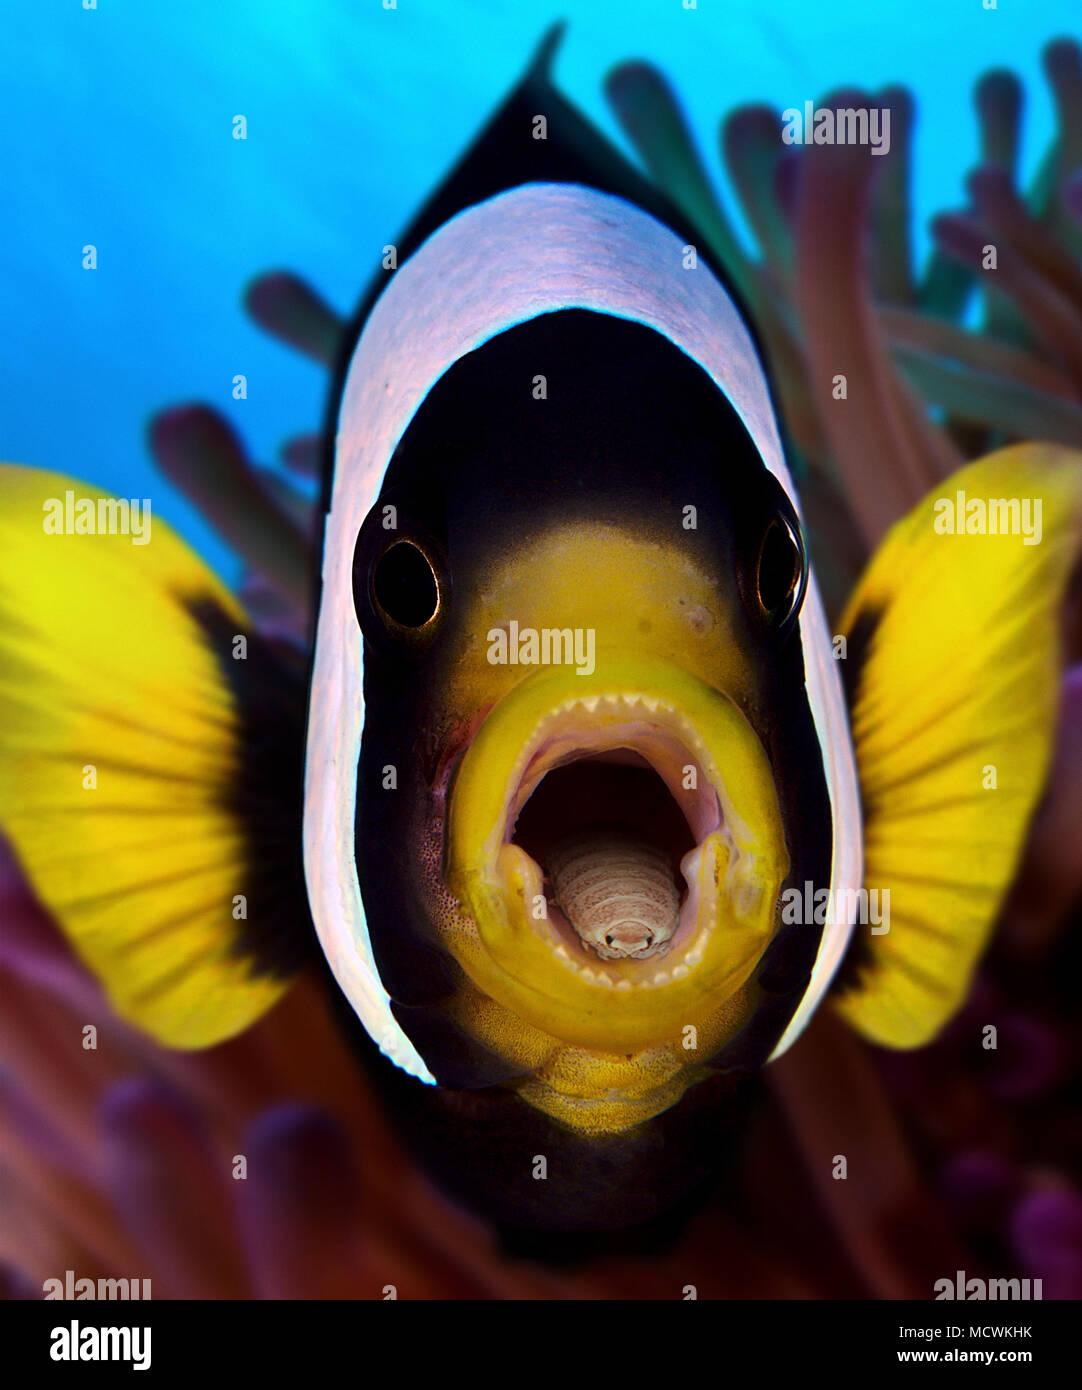 Lanza-comiendo el piojo, Cymothoa exigua, dentro de la boca de Clark's anemonefish, Amphiprion clarkii. El parásito entra en el pescado a través de las branquias, y Foto de stock